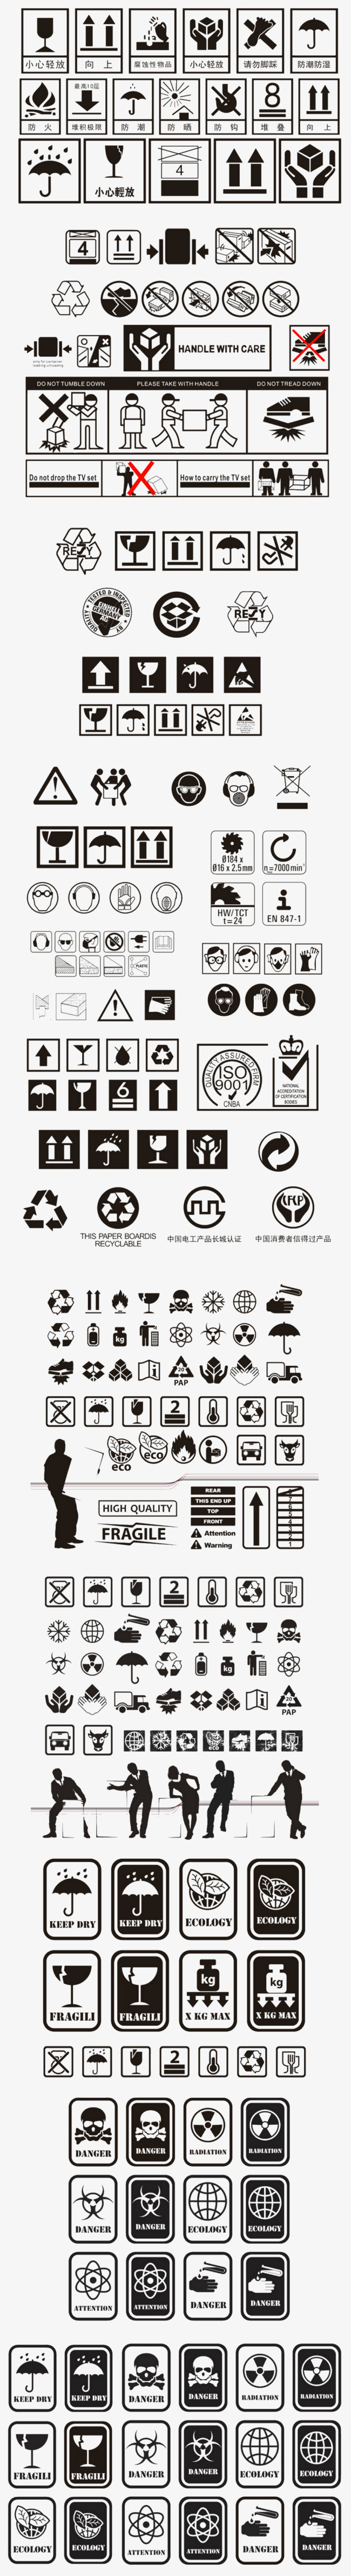 纸箱警示标识设计纸箱小图标素材图片免费下载_高清图标素材png_千库